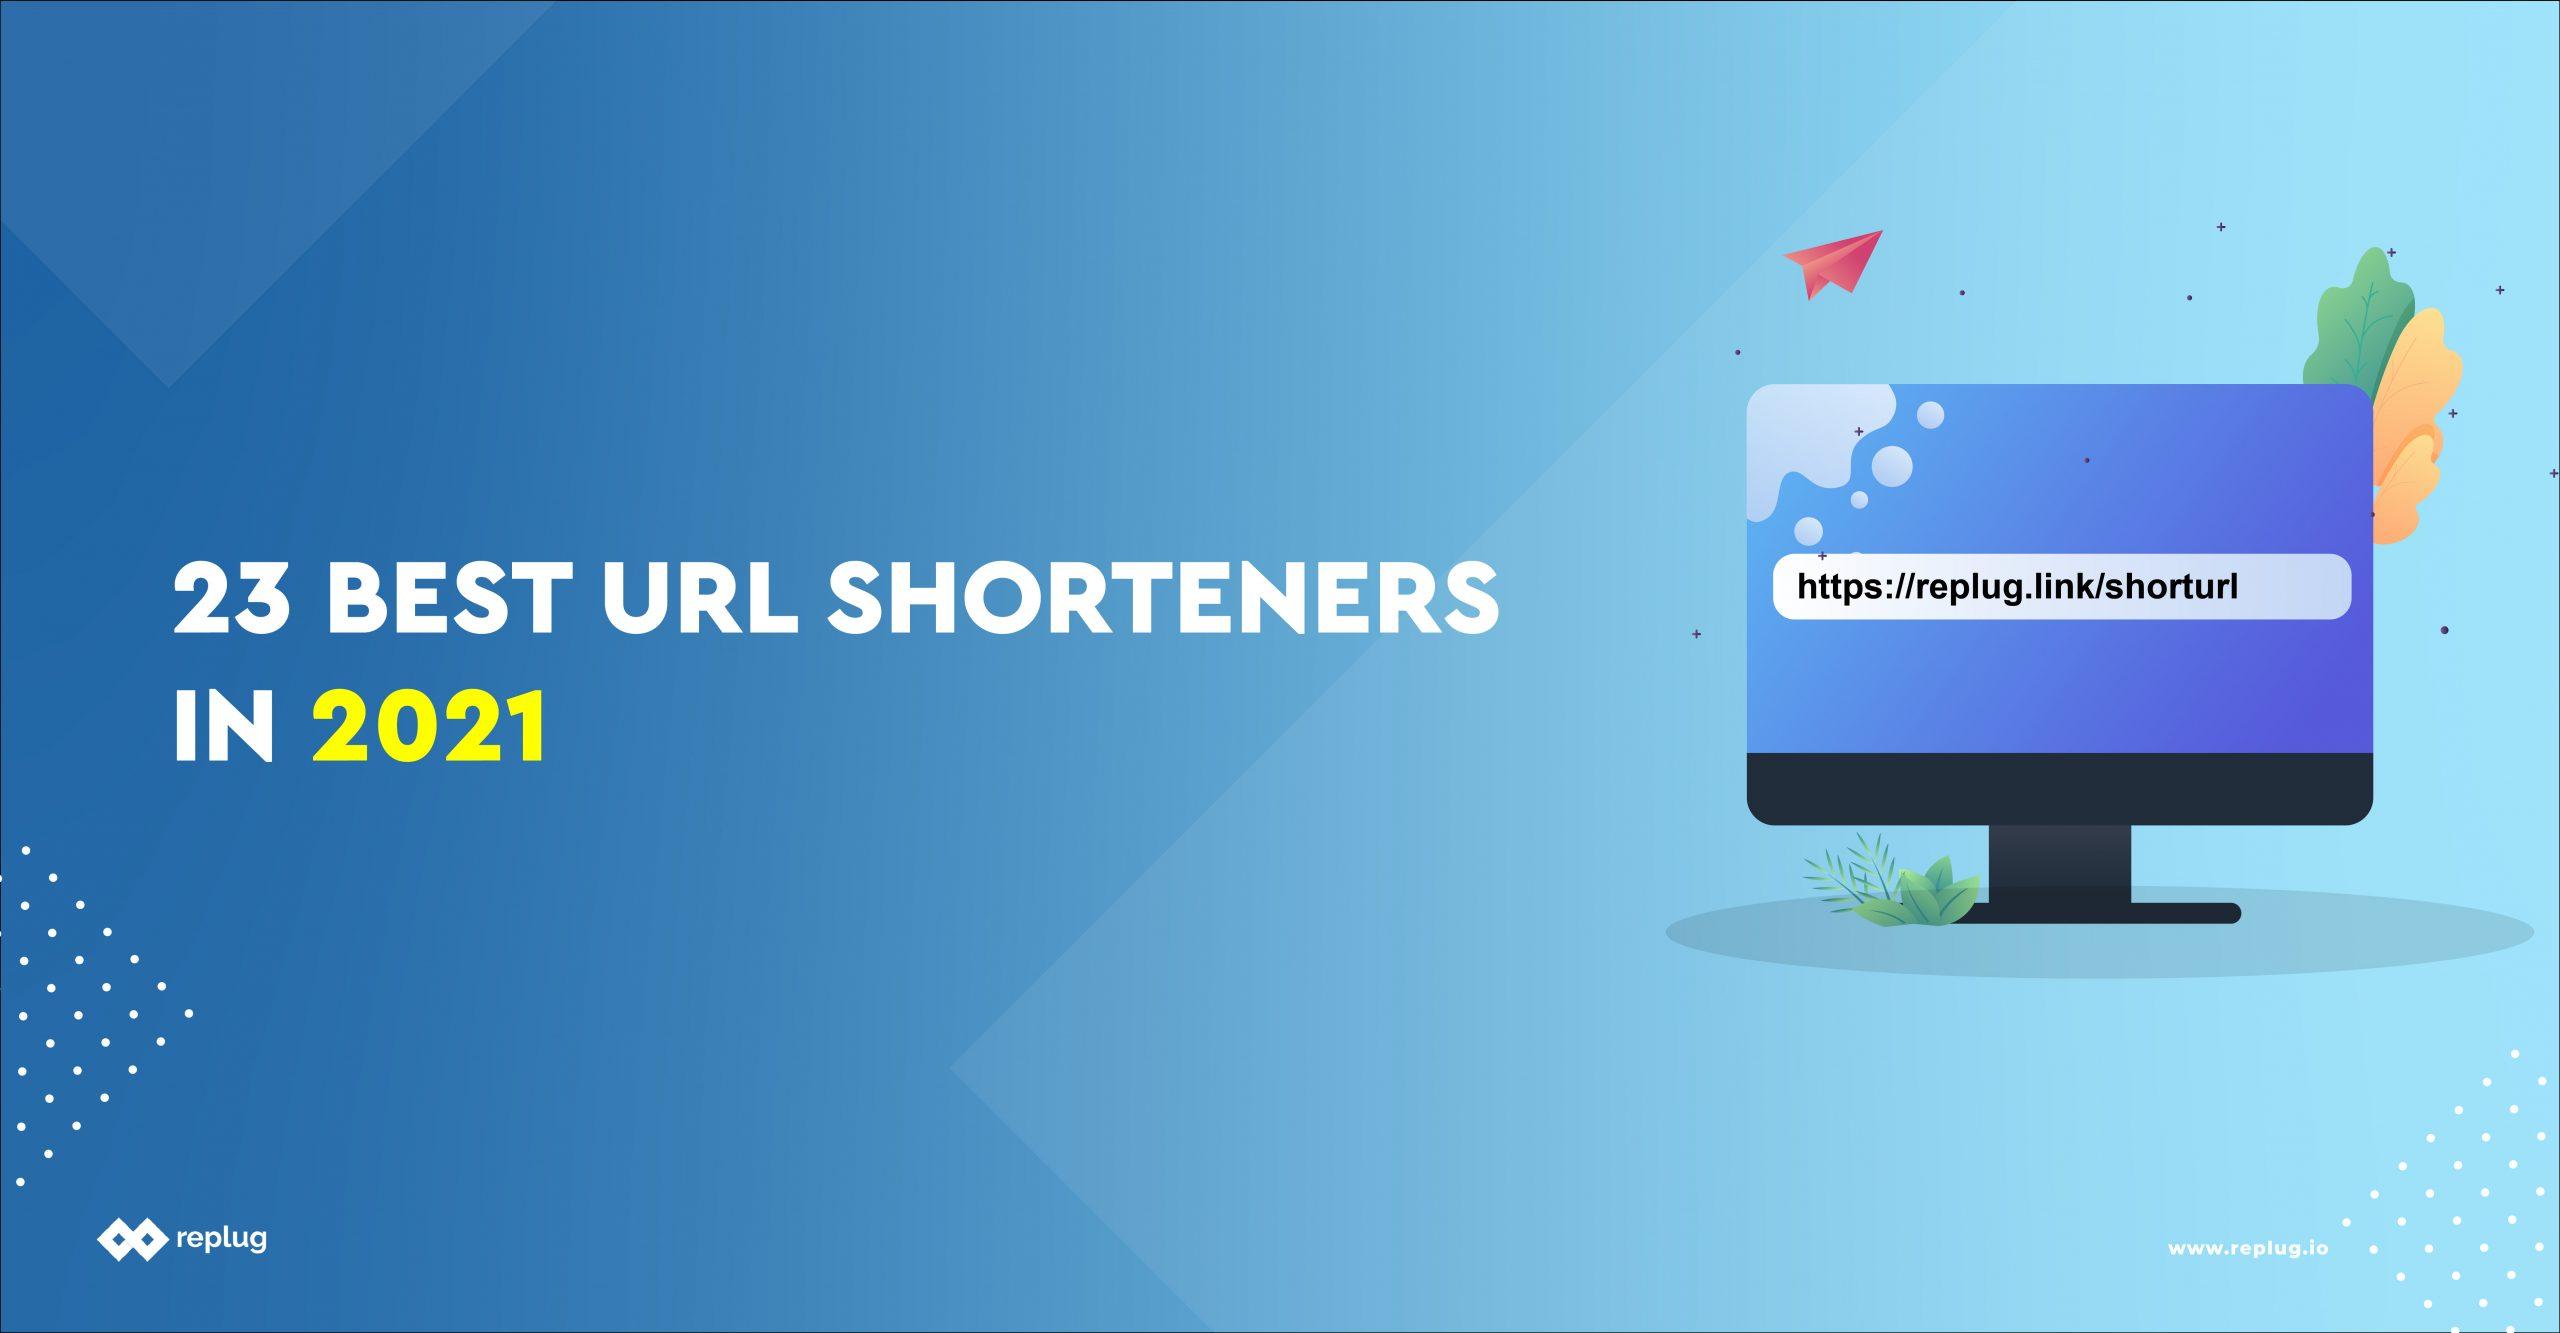 23 best url shortners of 2021